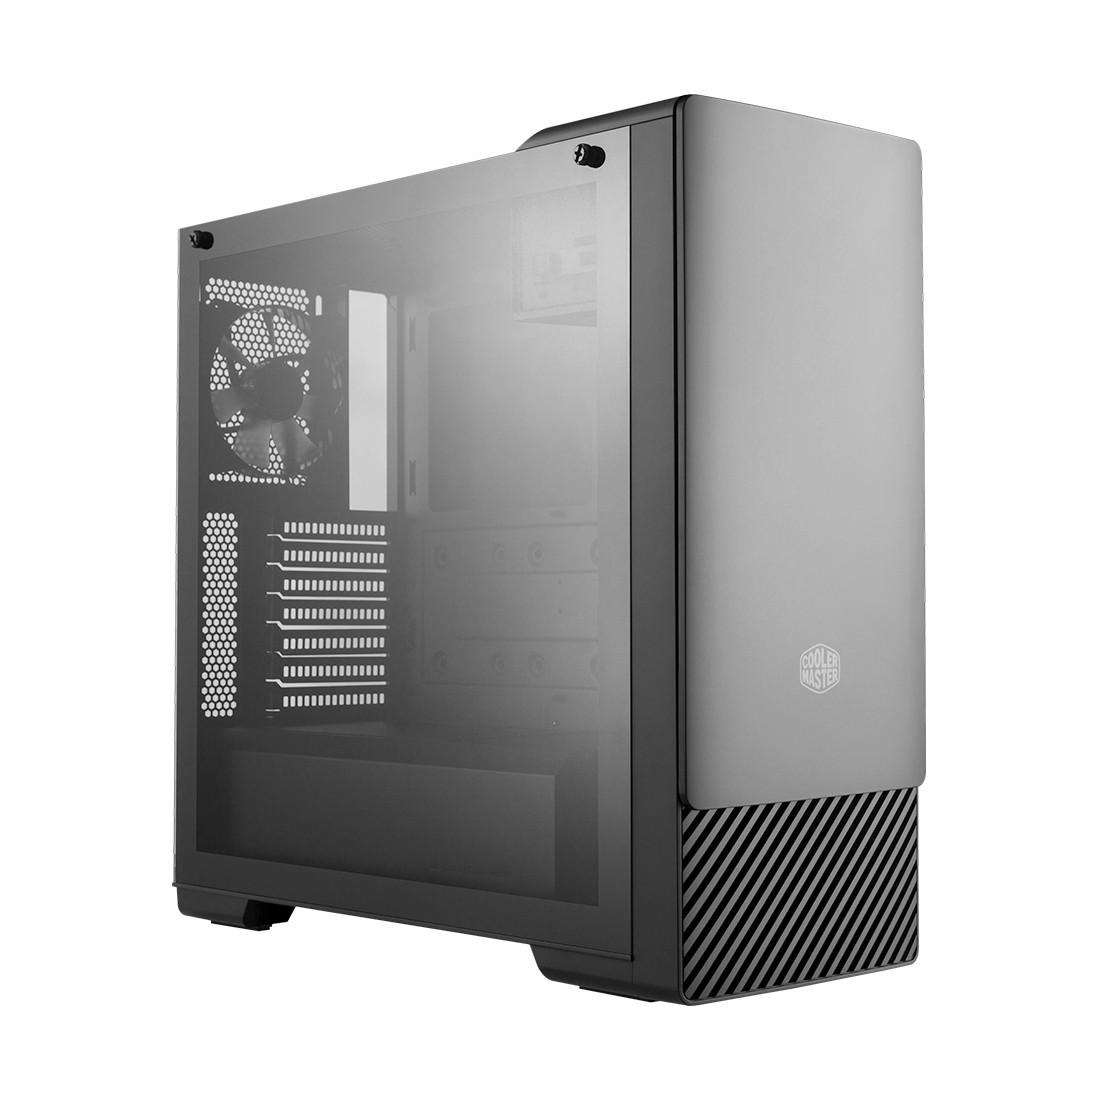 Компьютерный корпус Cooler Master MasterBox E500